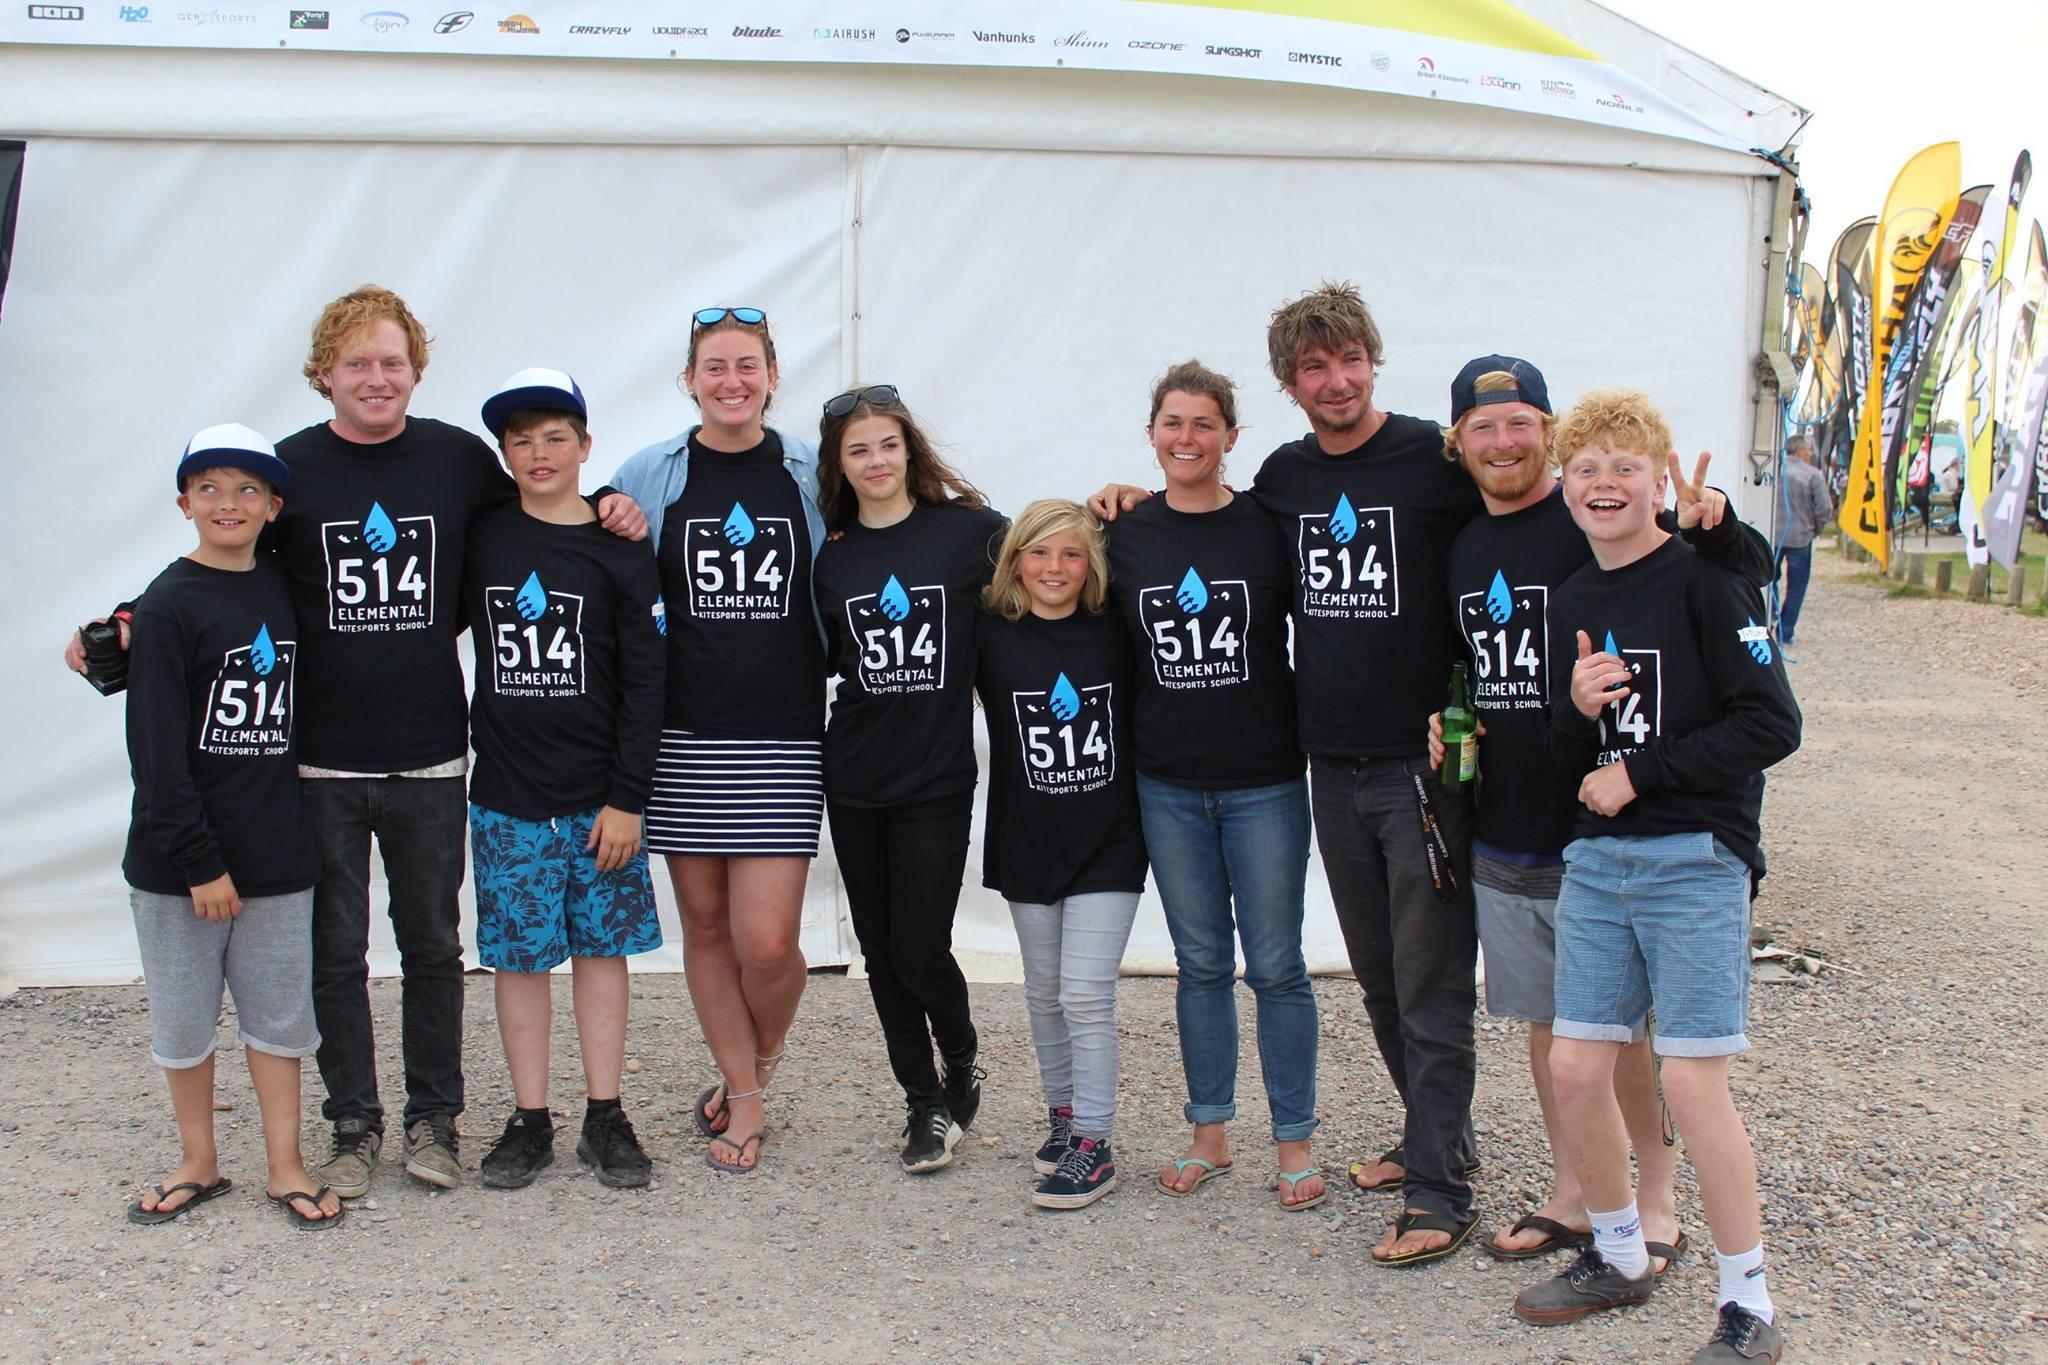 Ozone UK Kite Schools – 514 Elemental